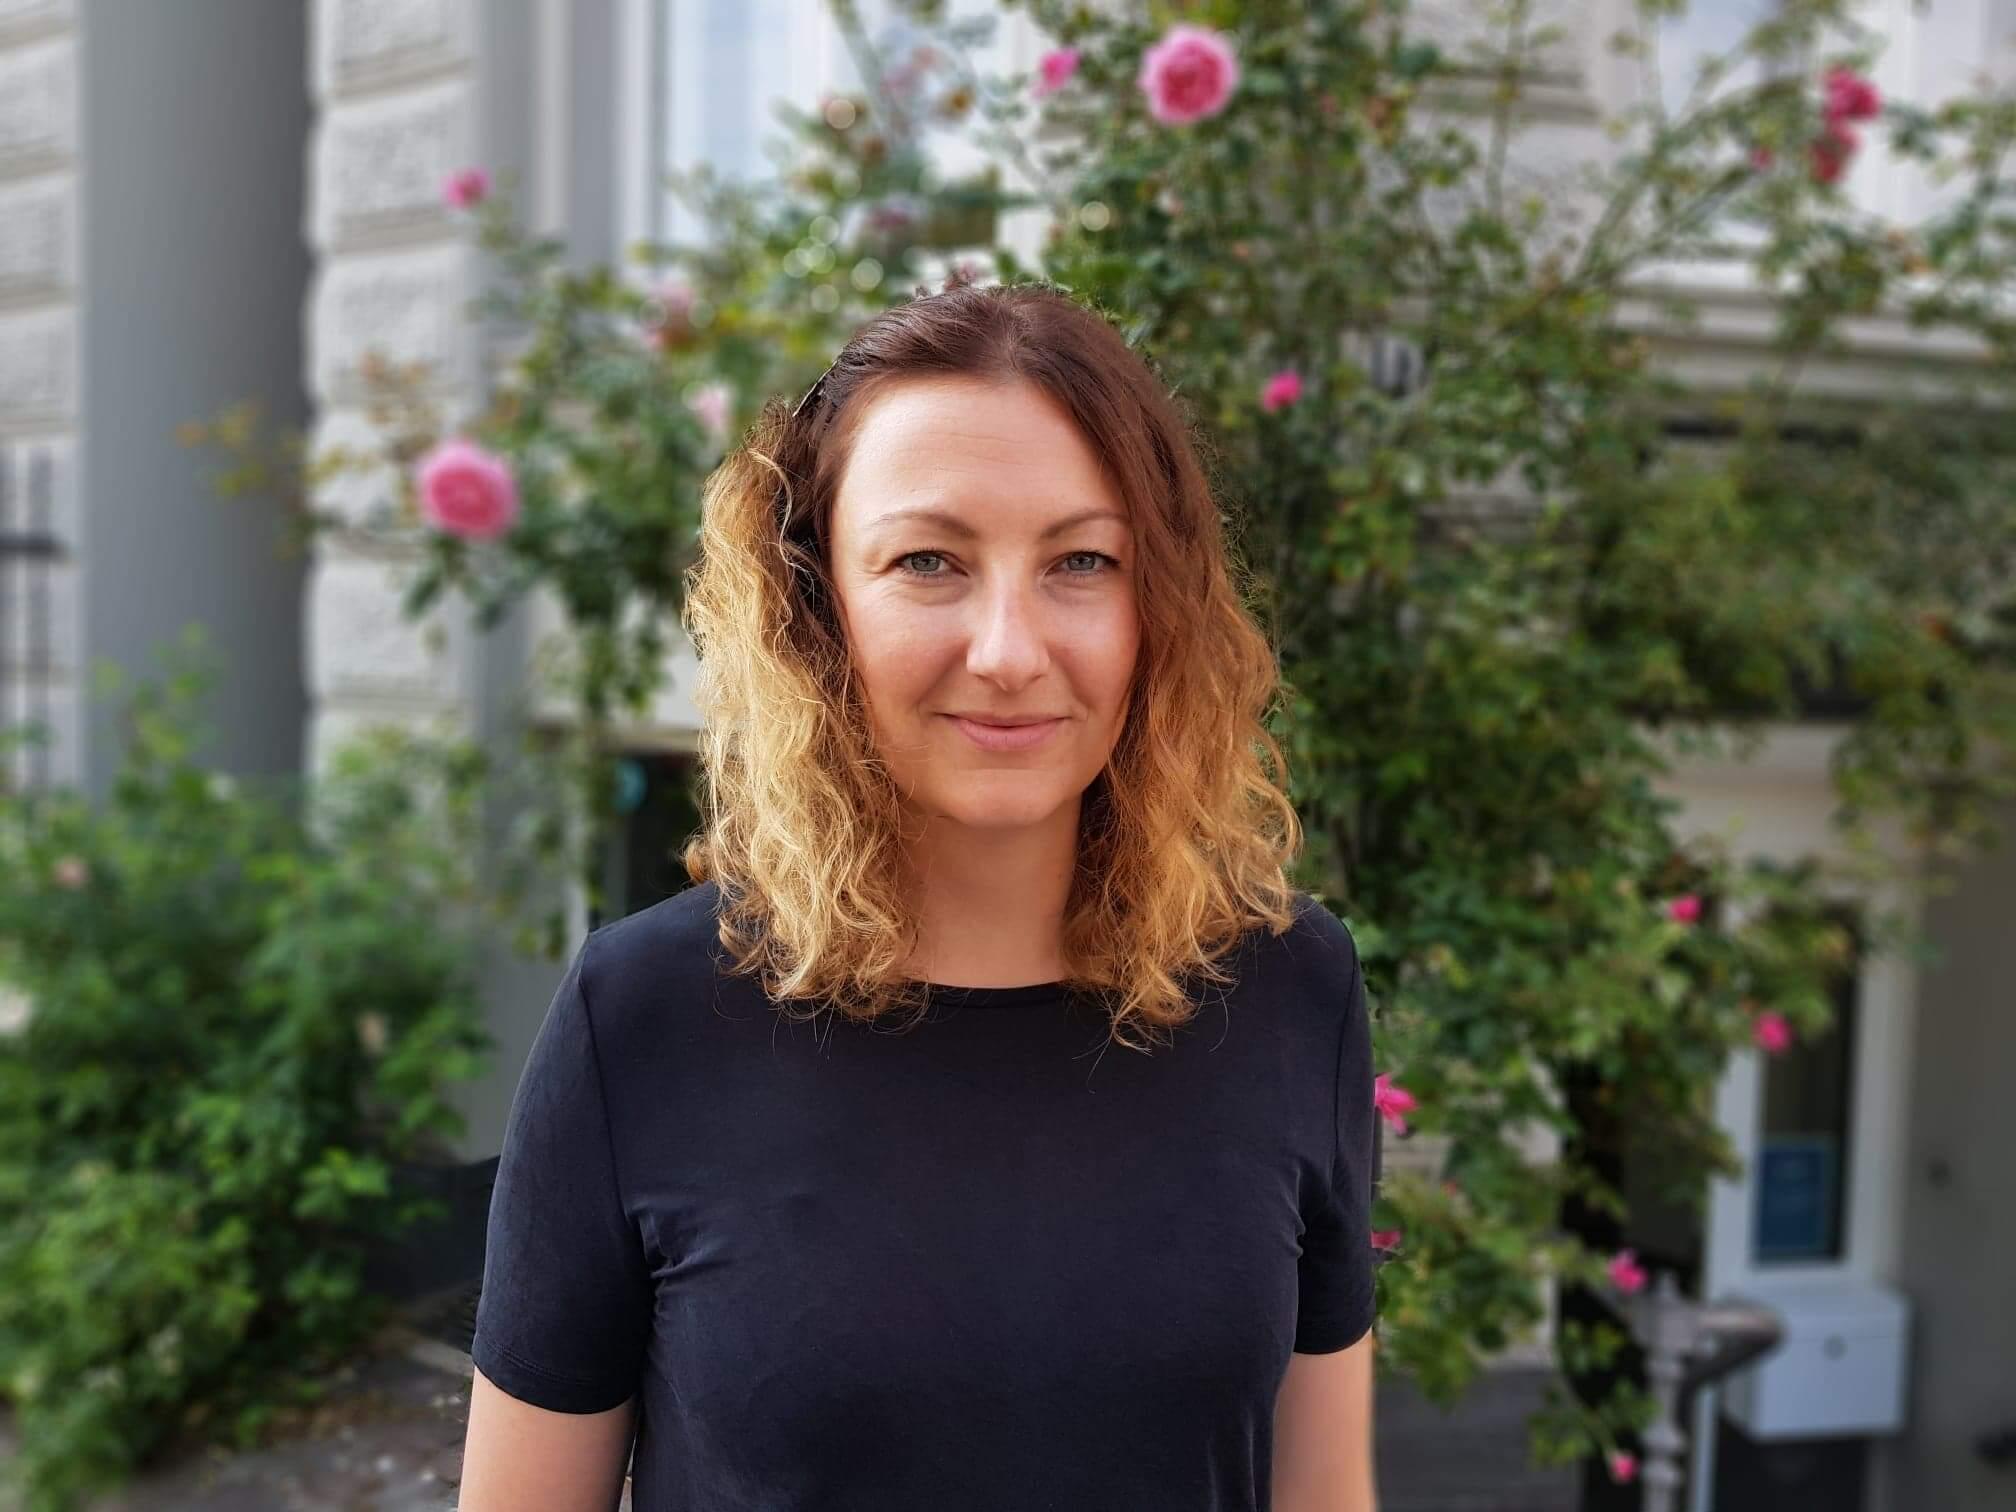 Amalie Kaysen